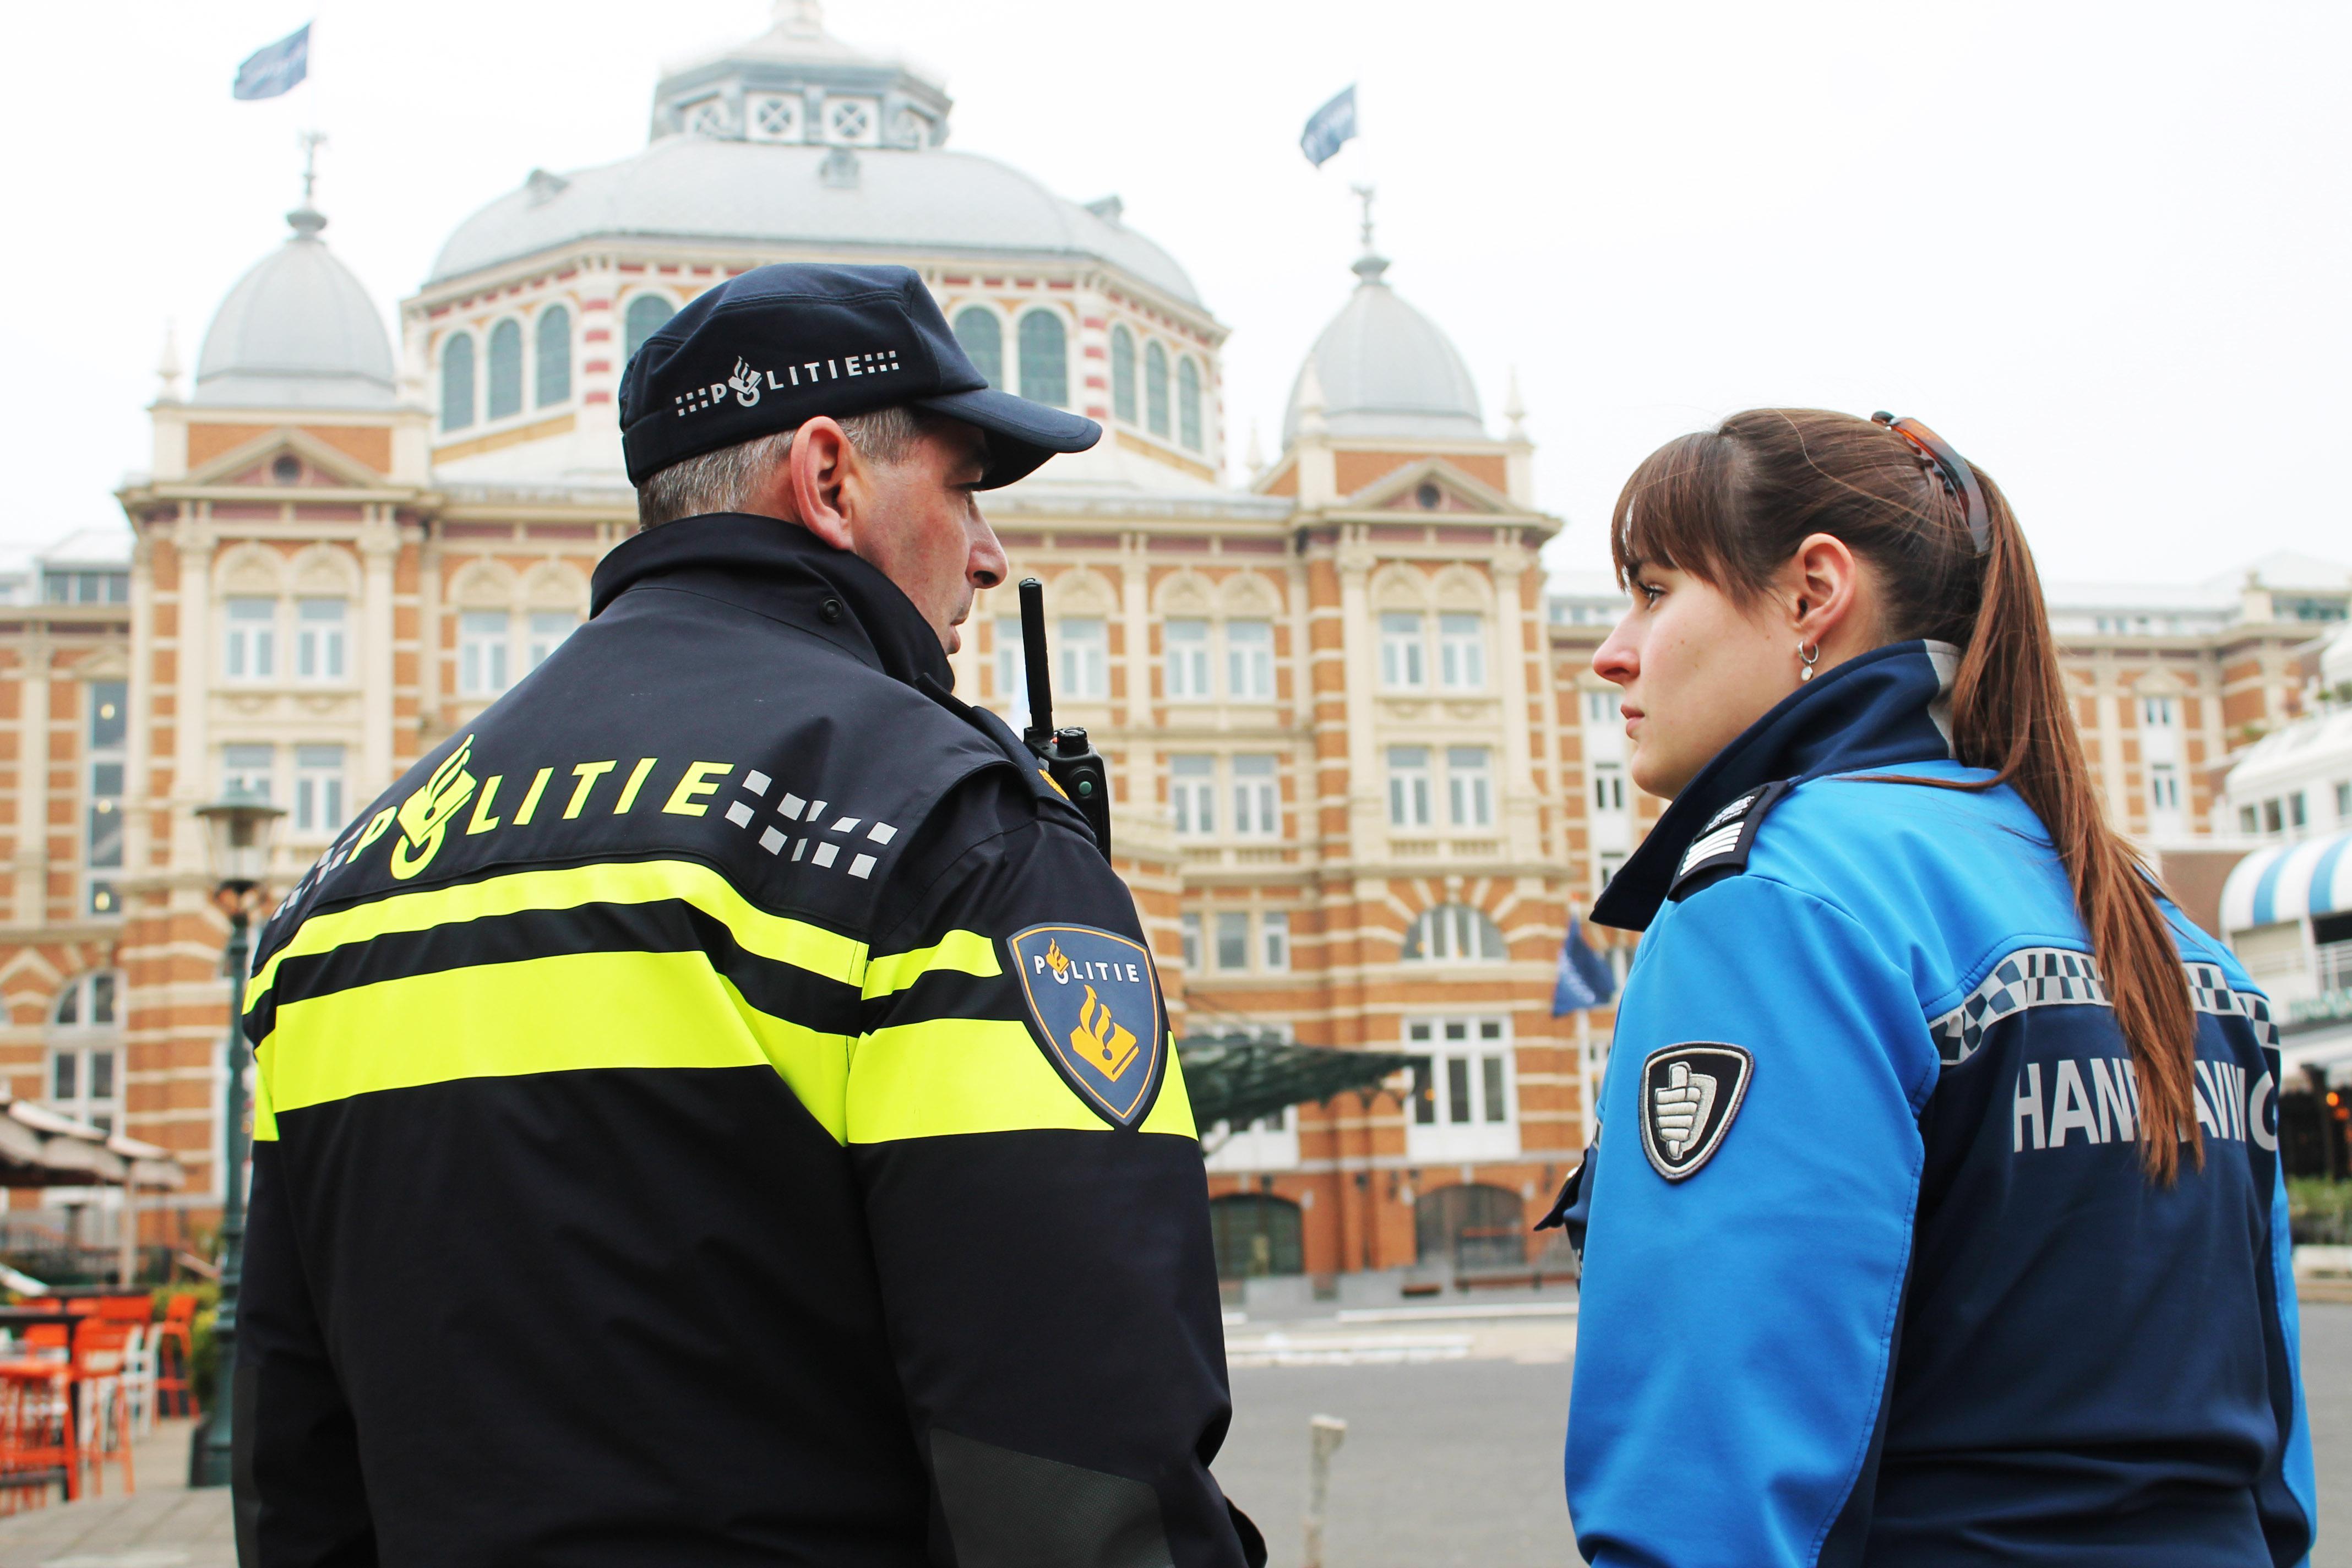 Politie tegen bewapenen van alle buitengewoon opsporingsambtenaren